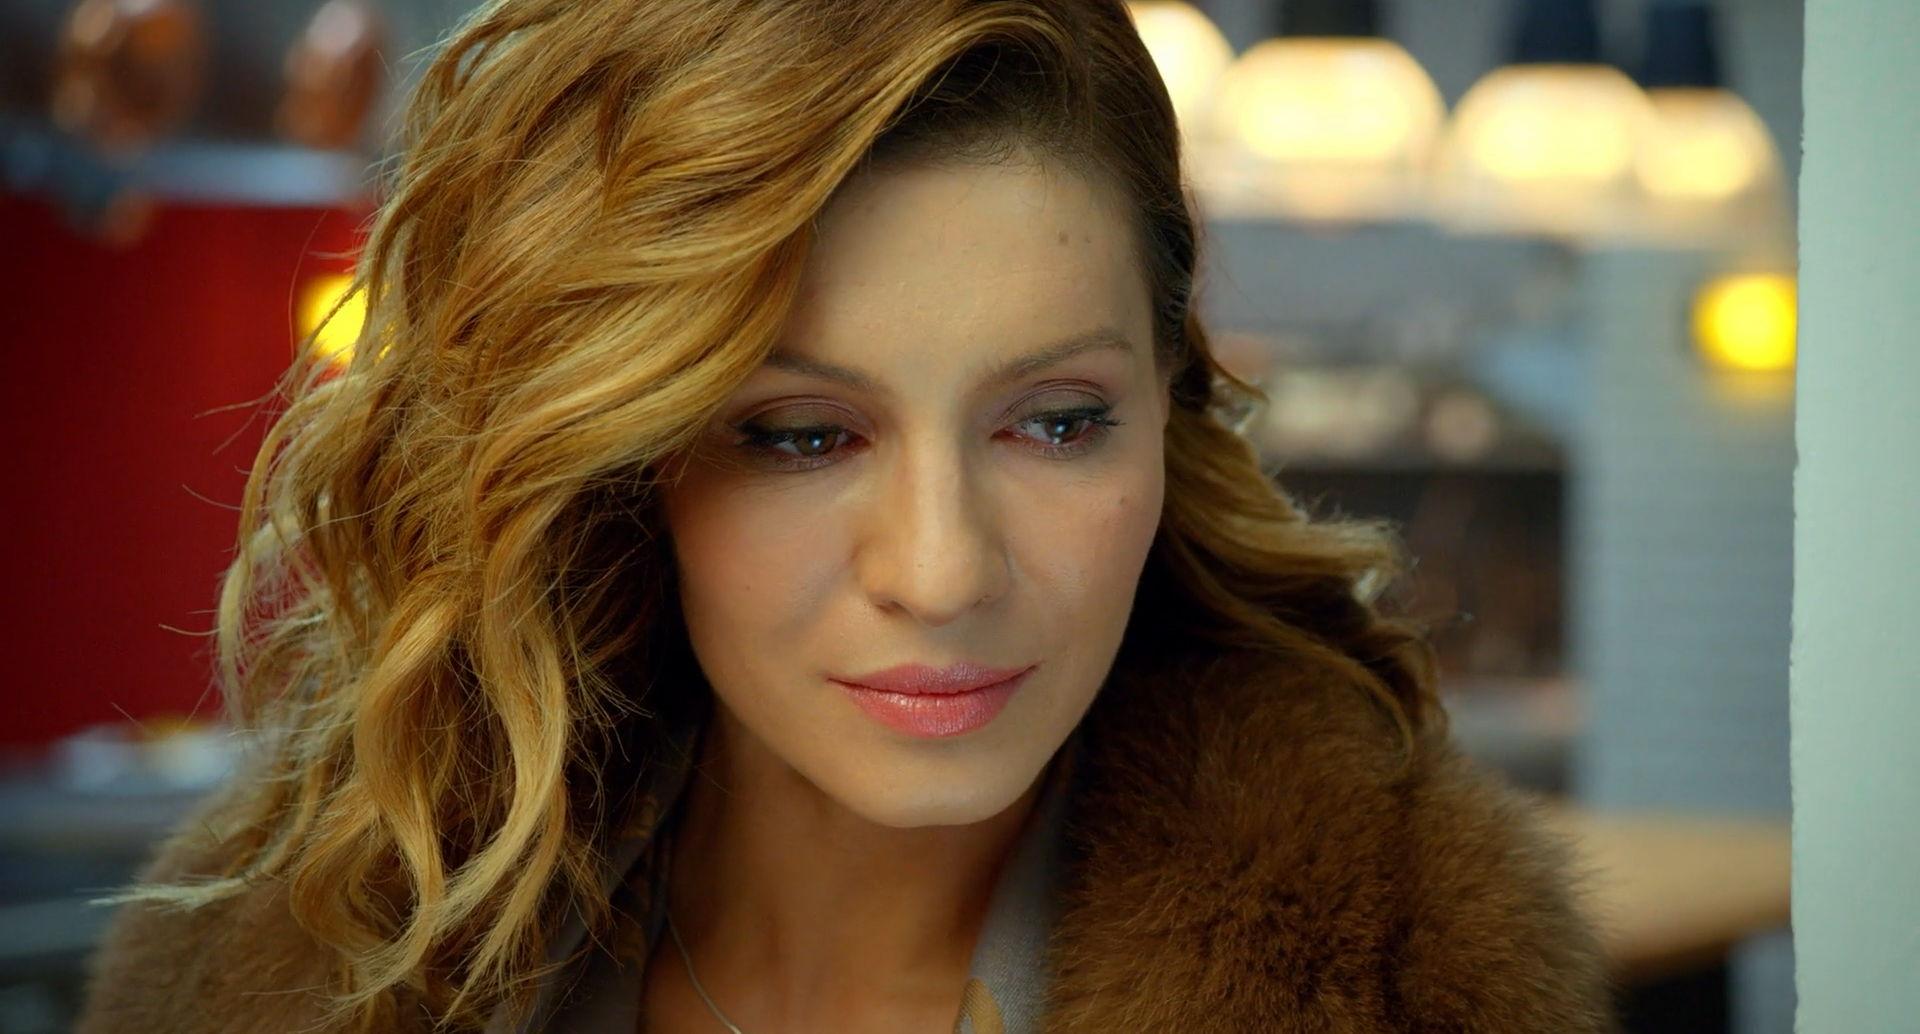 Российская актриса порадовала подписчиков снимком с дочерью полиной.